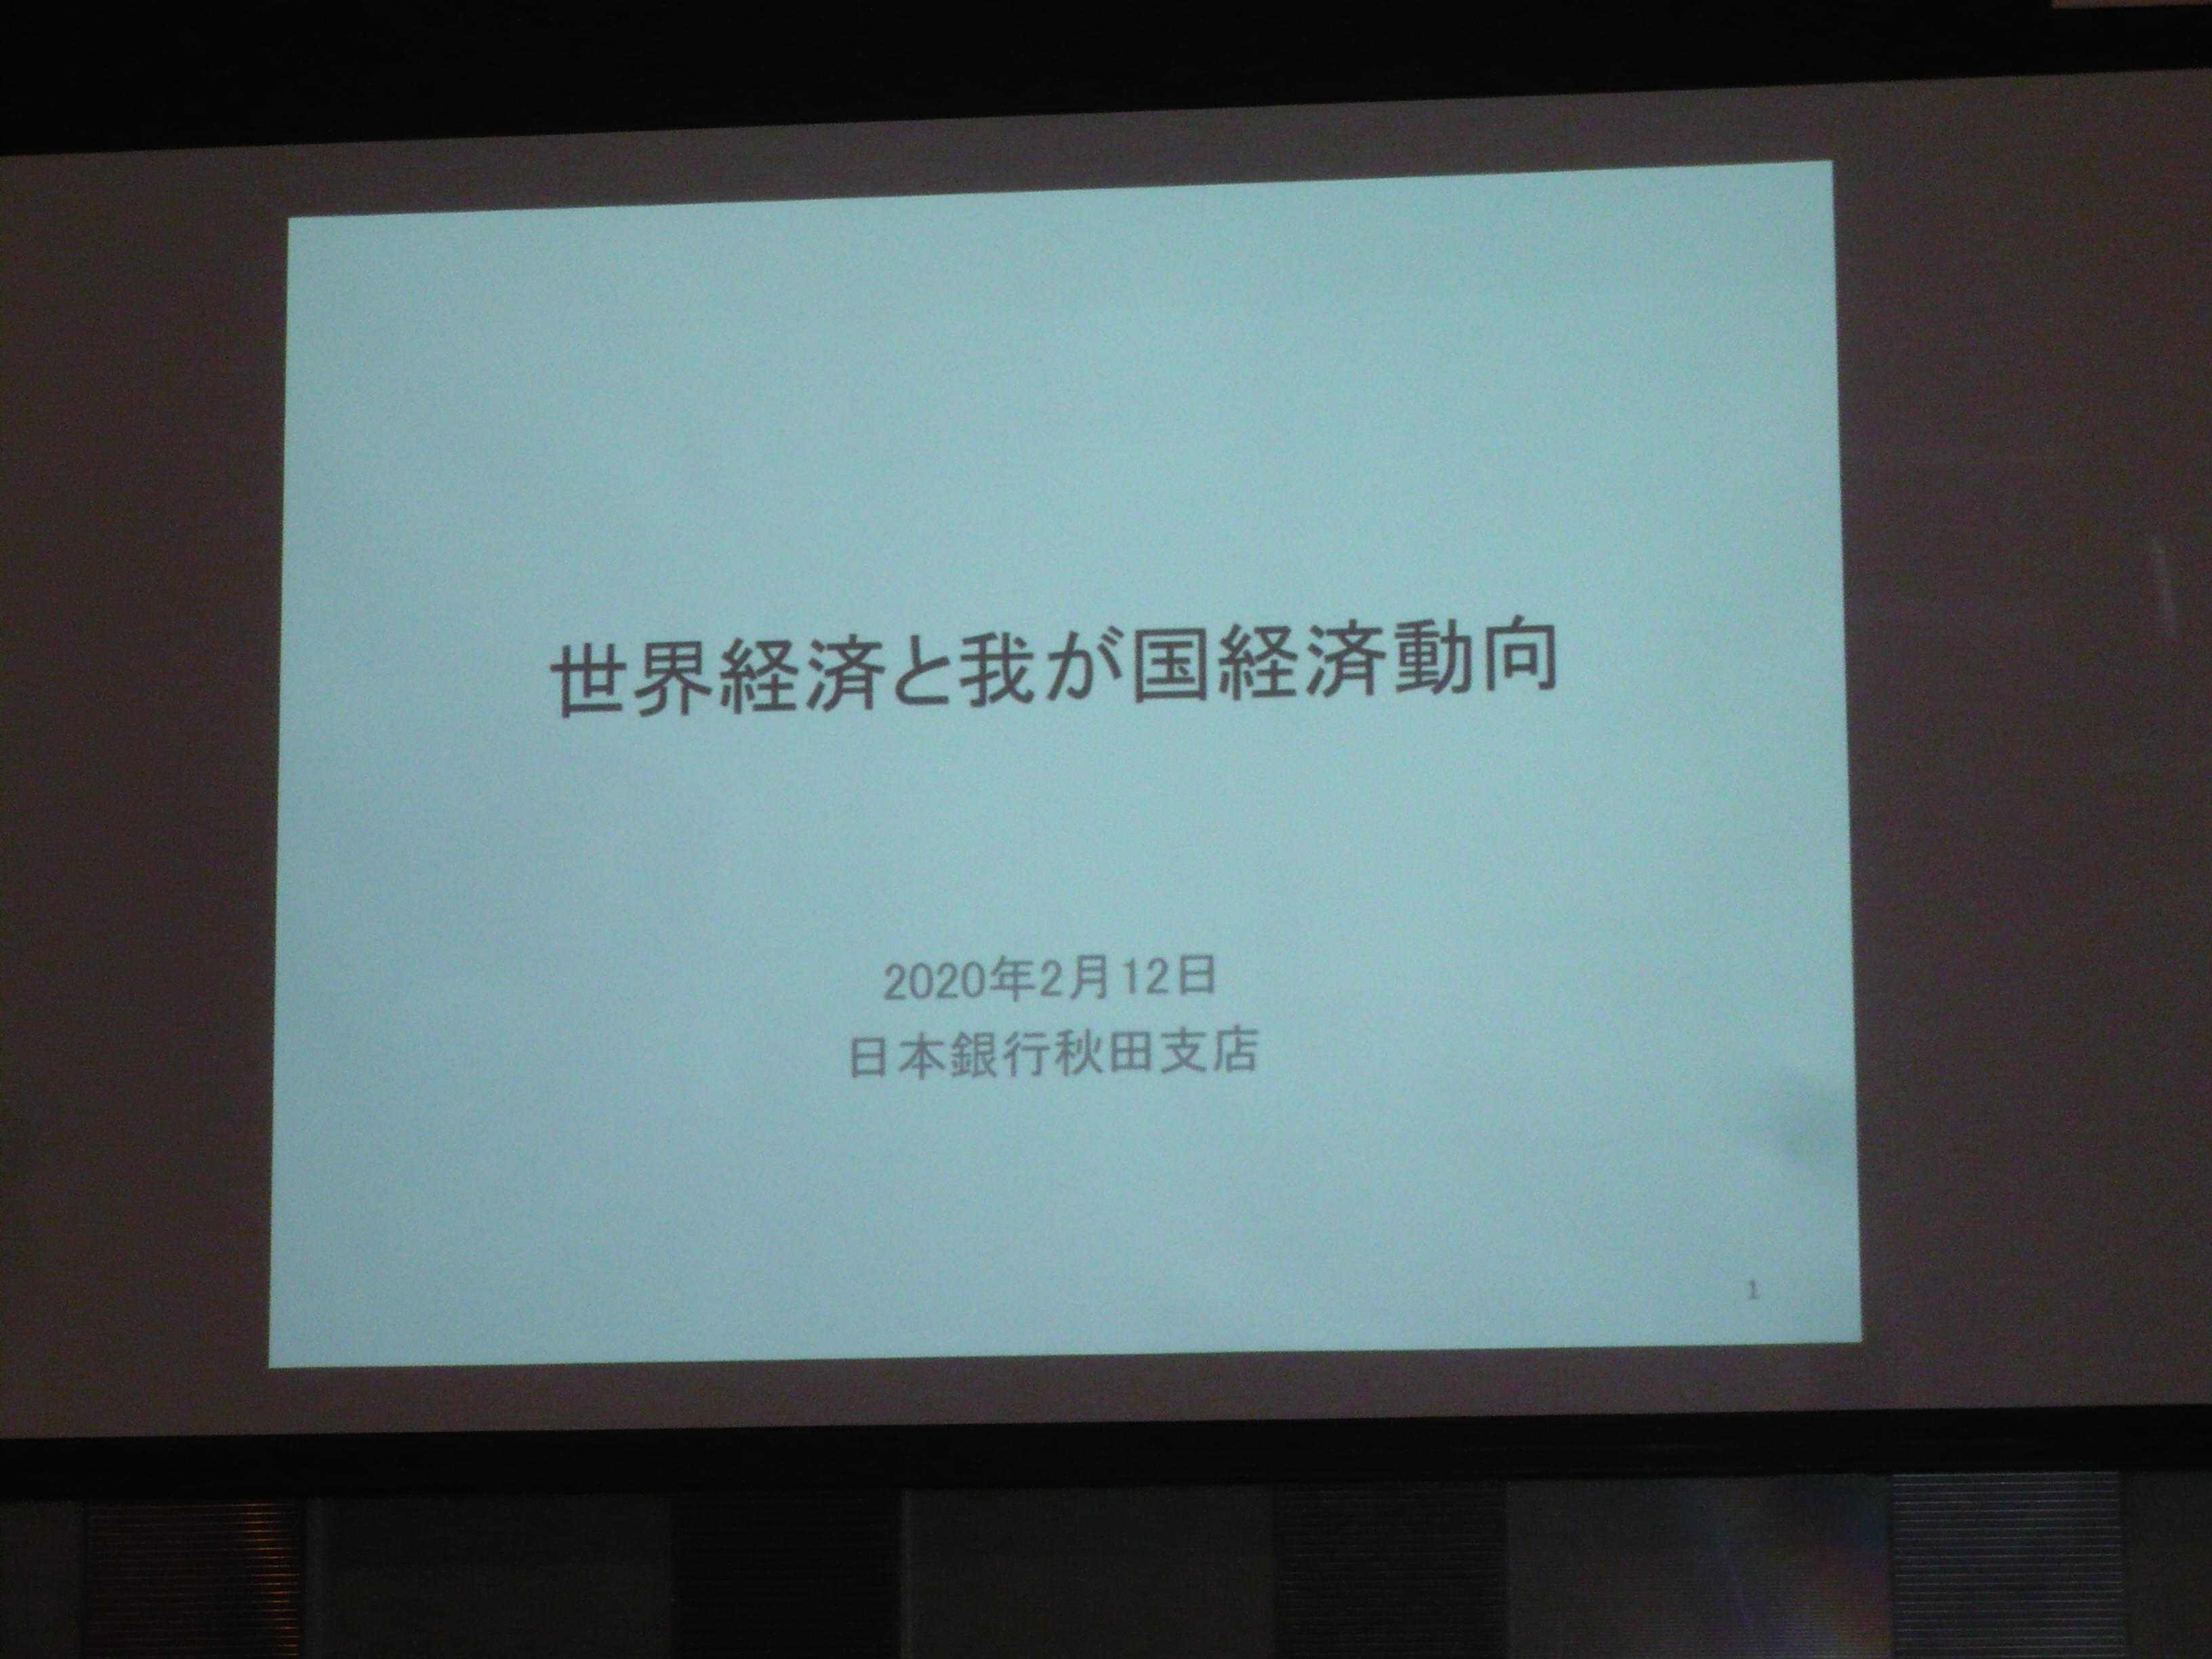 第70回変身力研究会/新春講演会報告/世界経済と我が国経済の動向